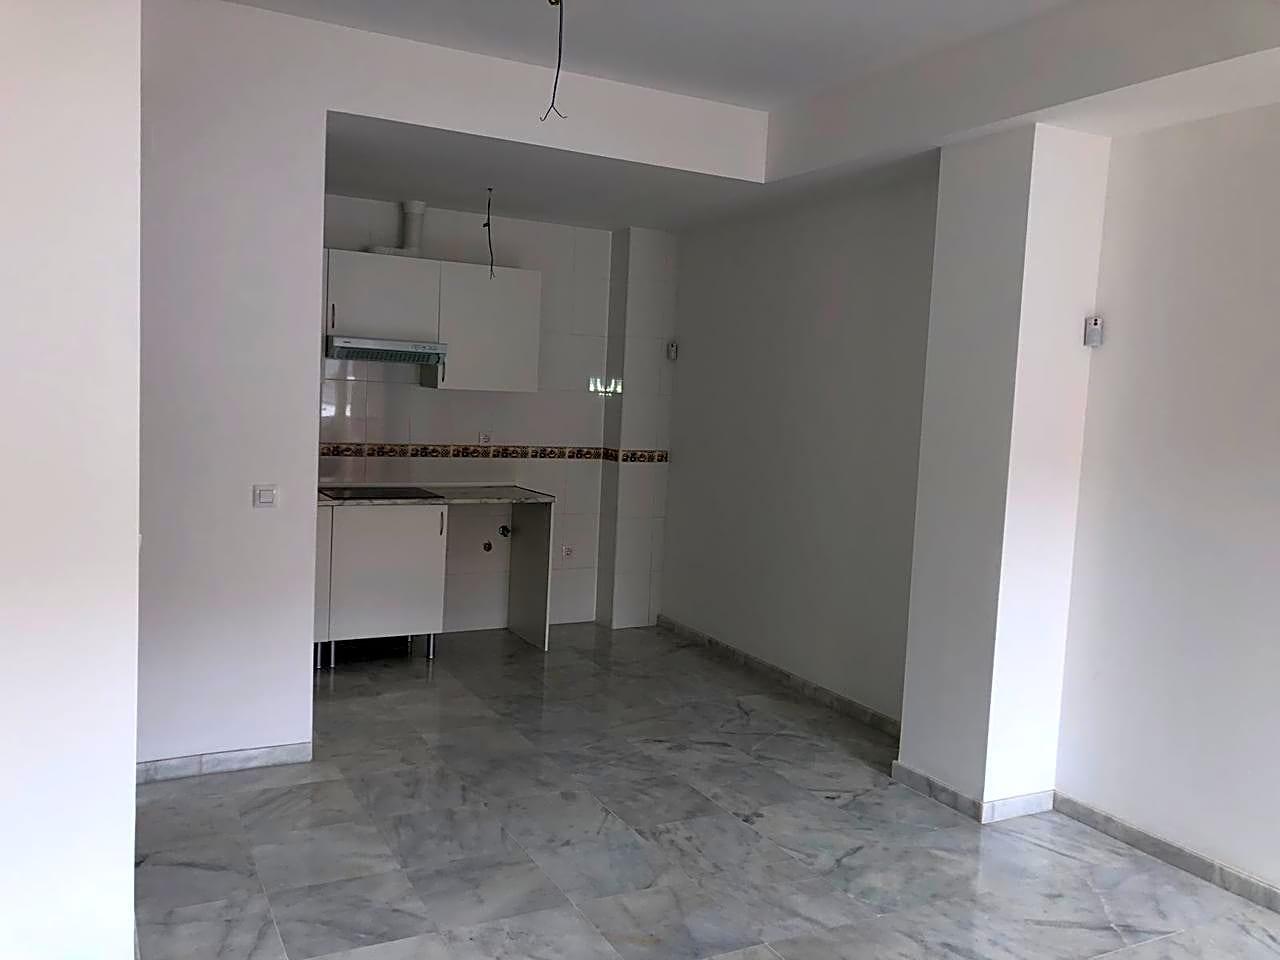 Hogalia soluciones inmobiliarias piso en alquiler en dos hermanas de 57 m2 - Pisos de alquiler en dos hermanas particulares ...